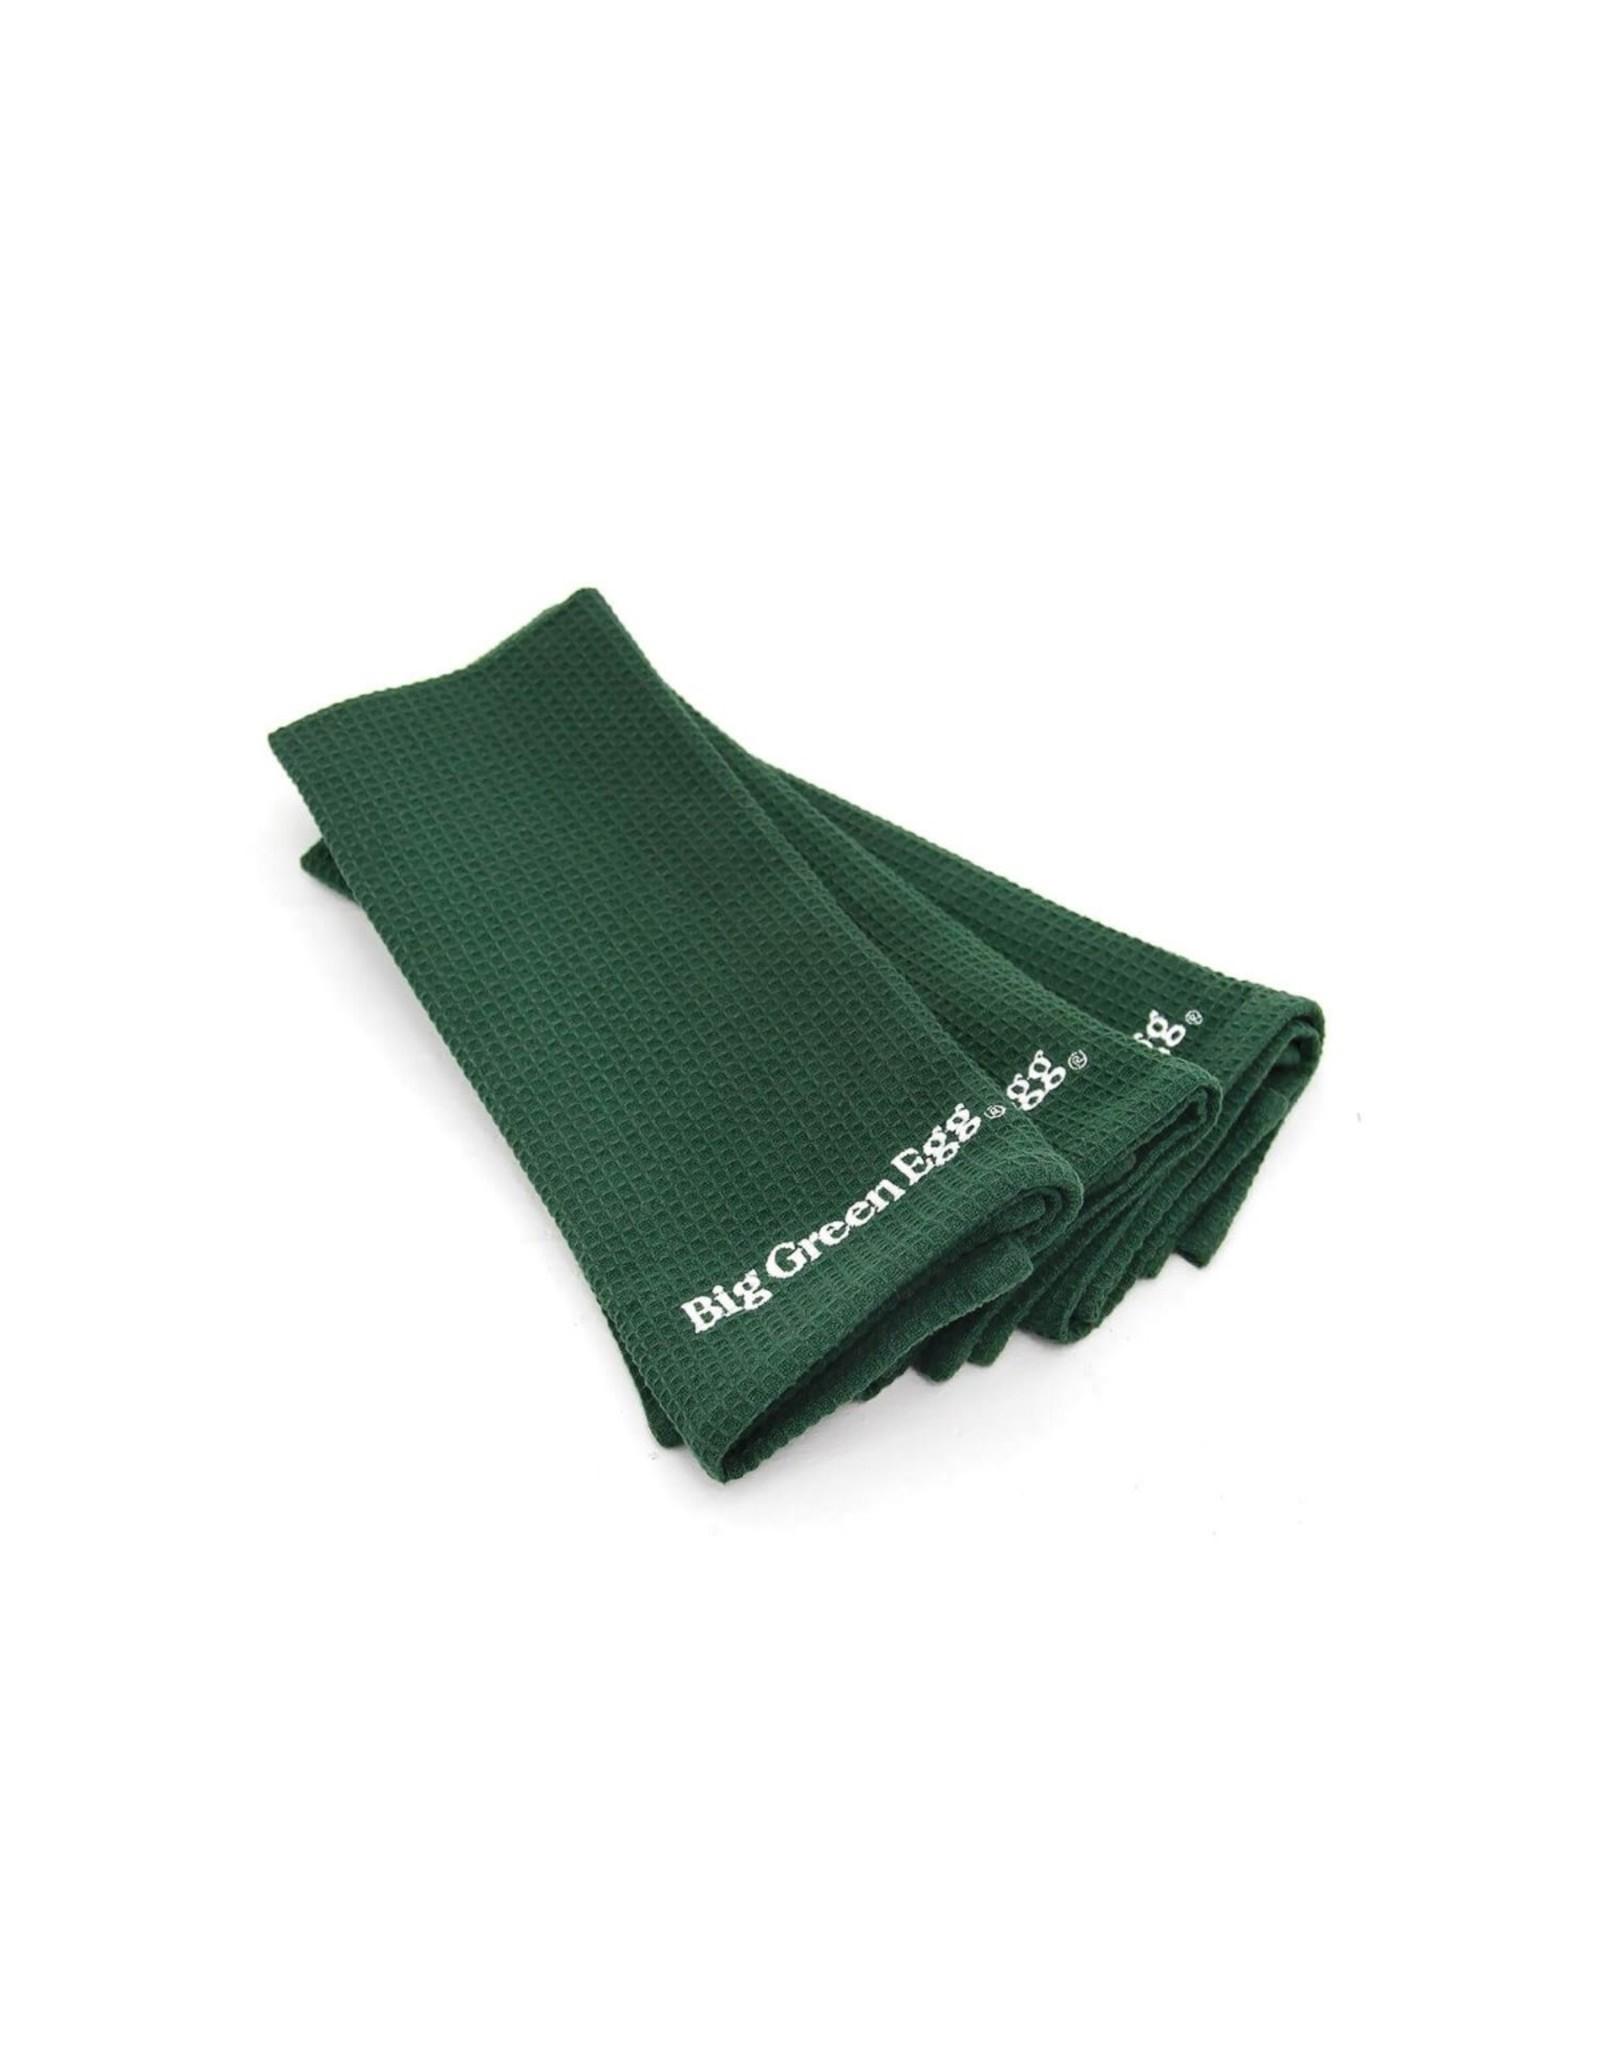 Big Green Egg Big Green Egg - All-Purpose Towels - Set of 3